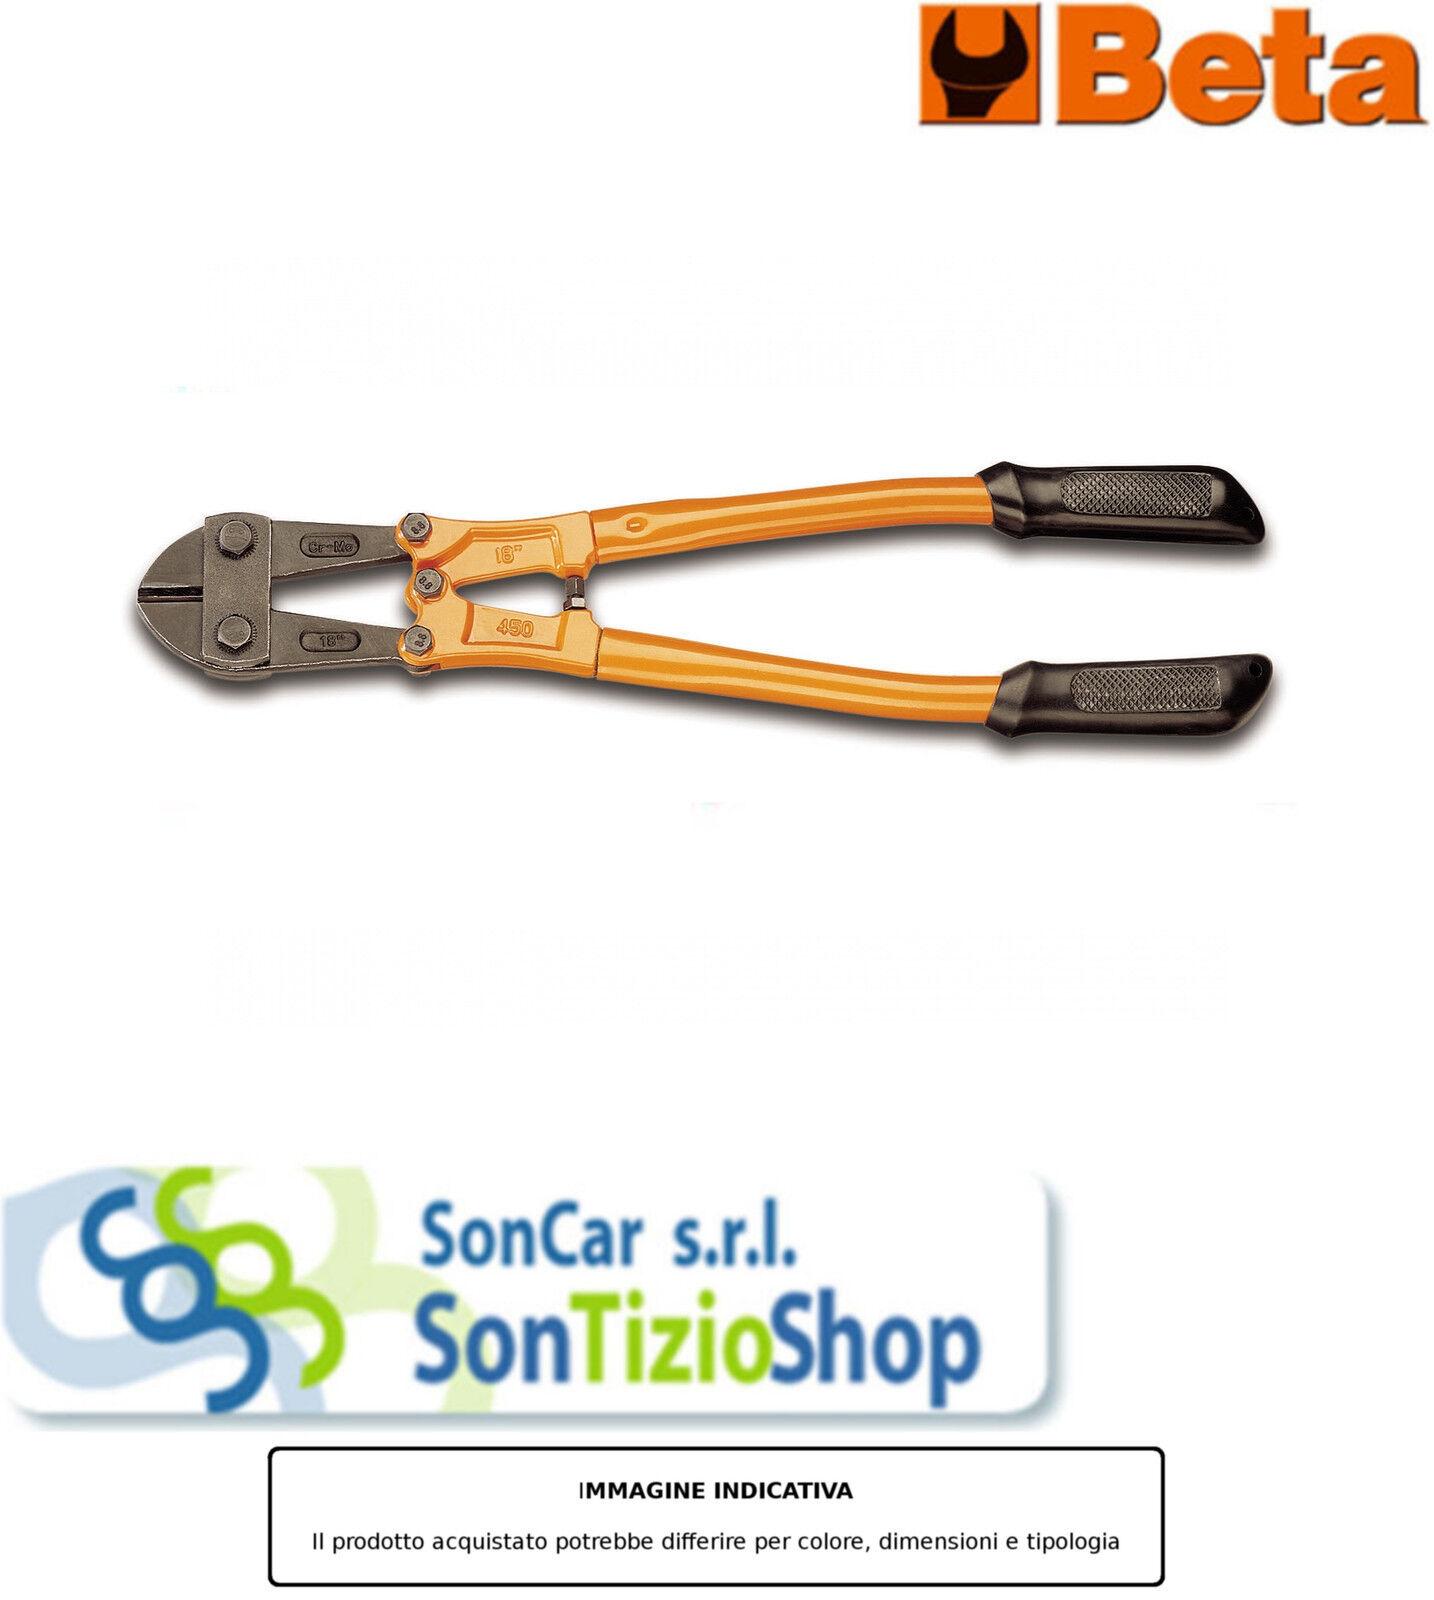 BETA 1101 450 Articolo Originale  TRONCABULLONI 450